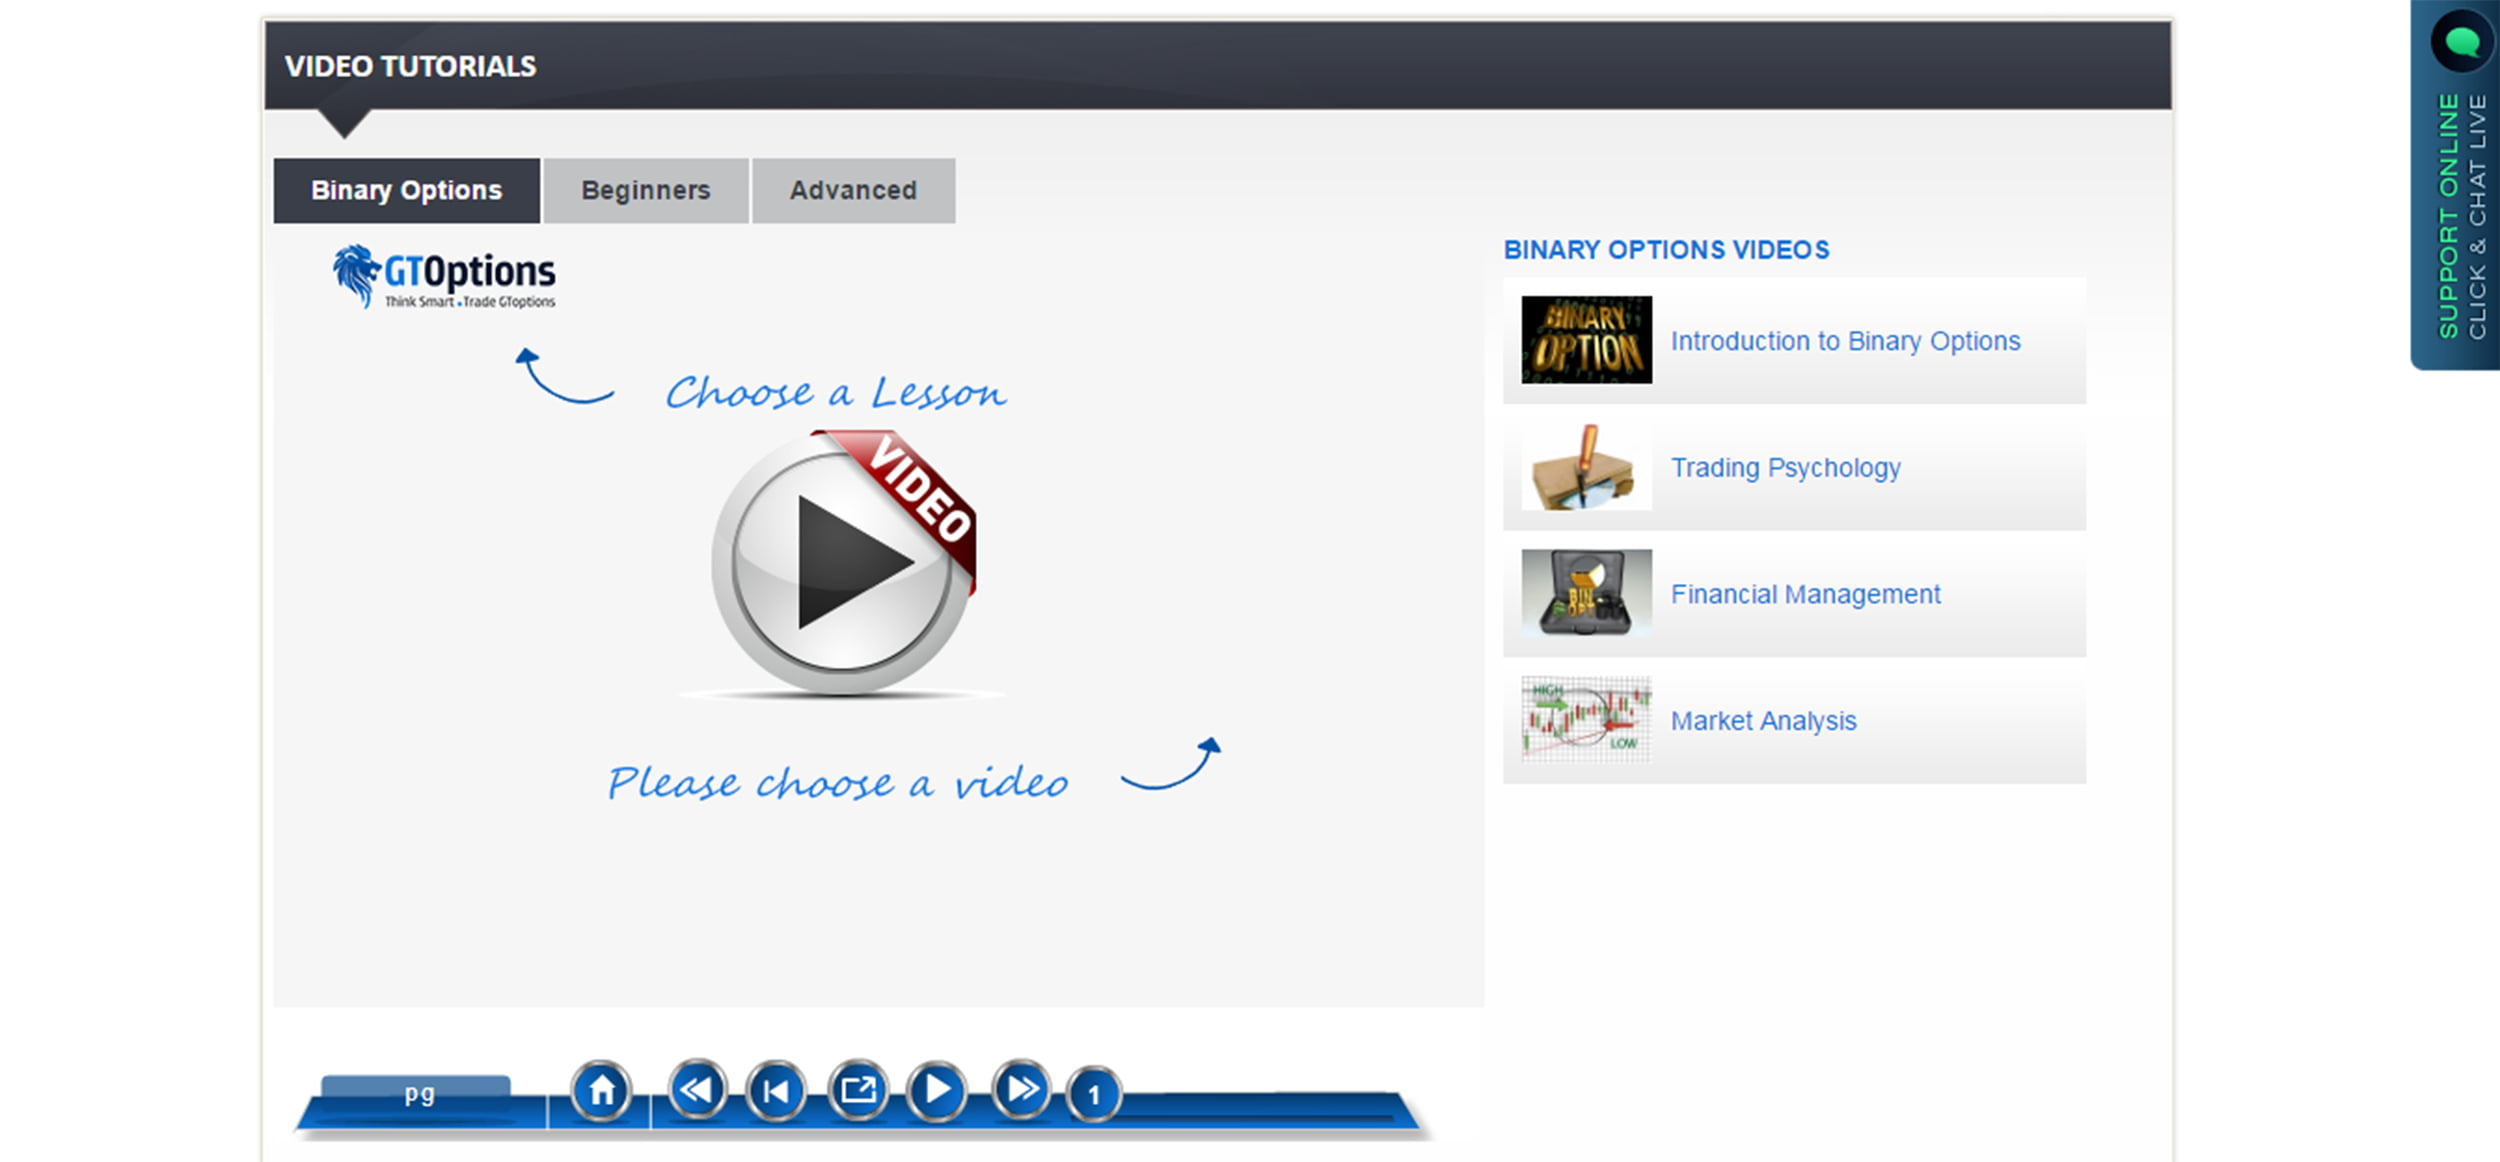 видео-уроки о рынке бинарных опционов брокера GTOptions